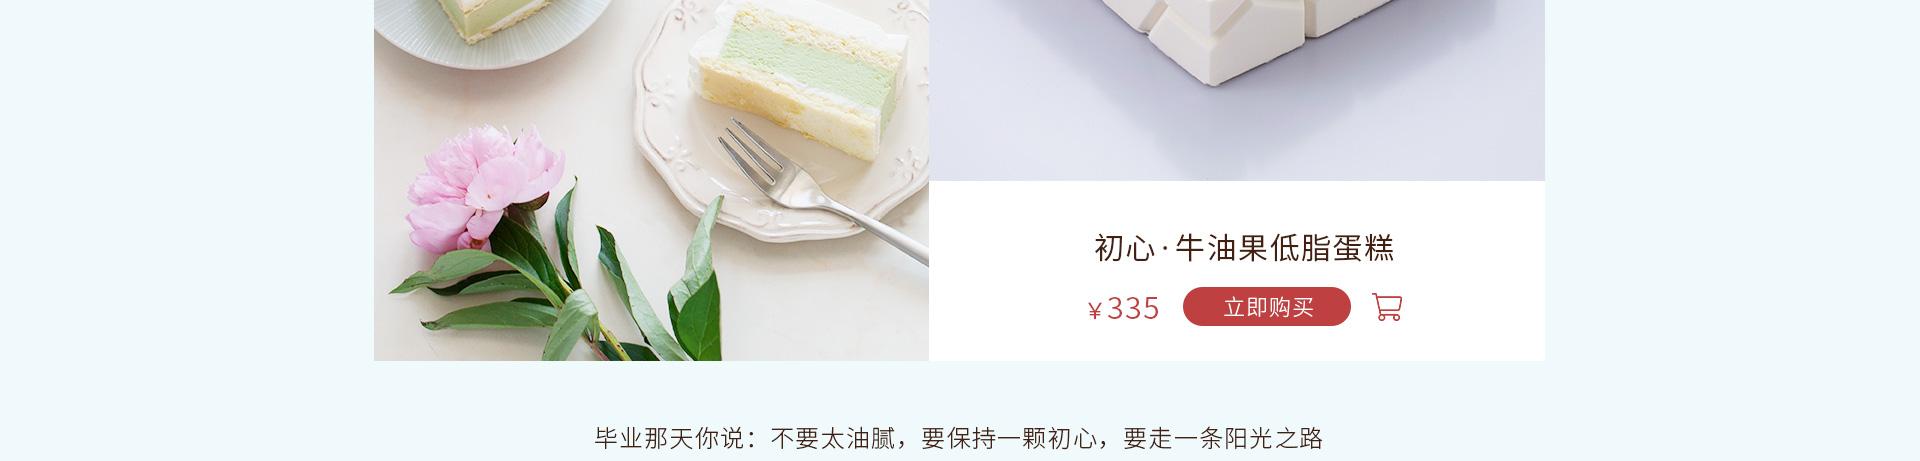 初心|牛油果低脂蛋糕 在线订购